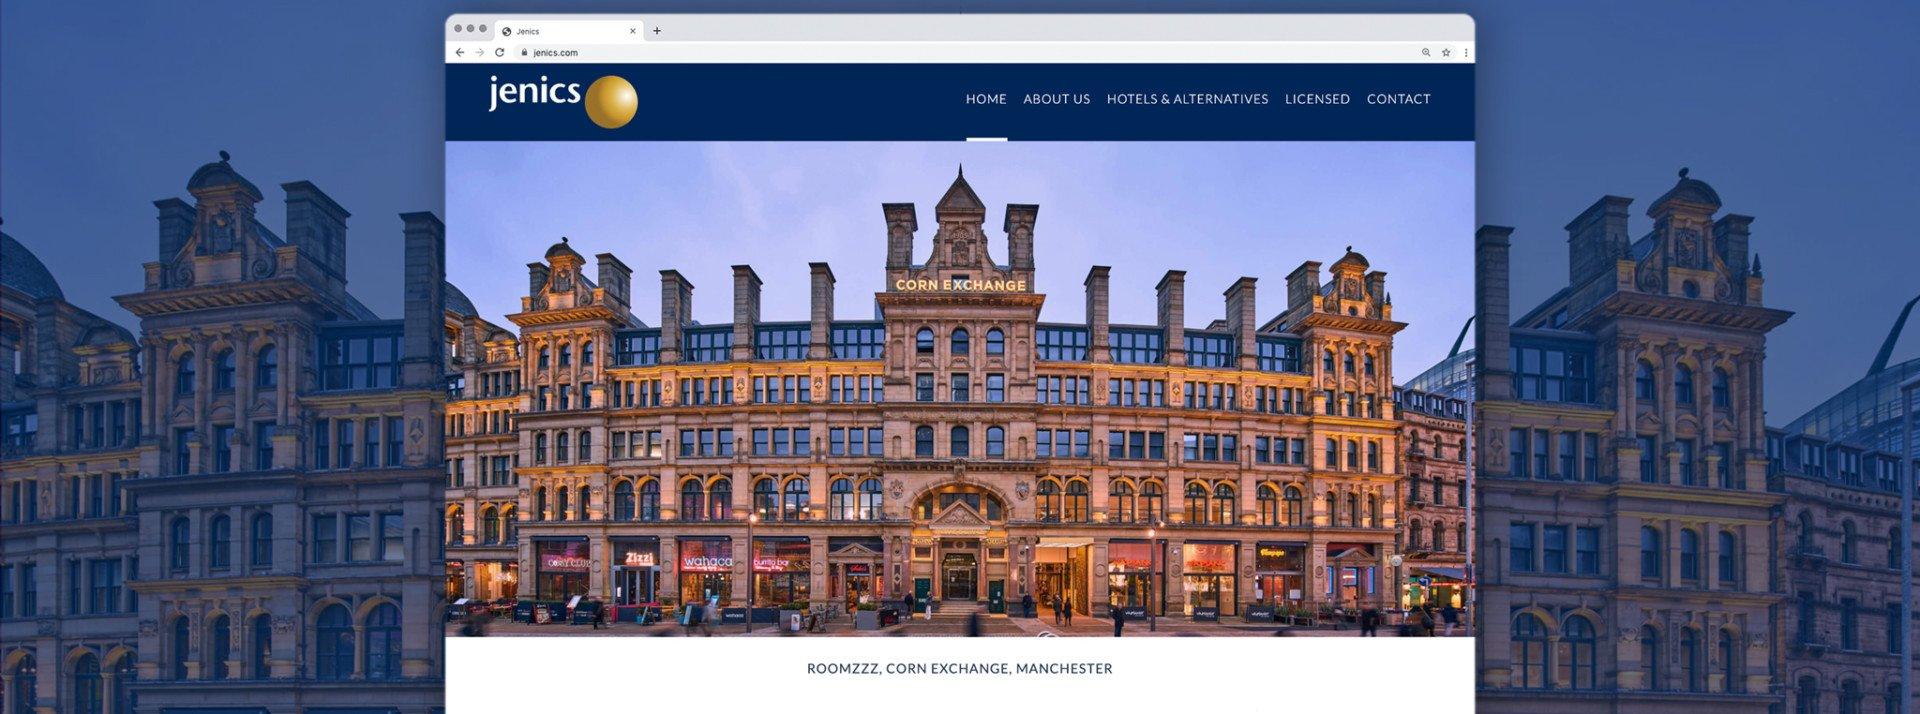 Jenics Website Design